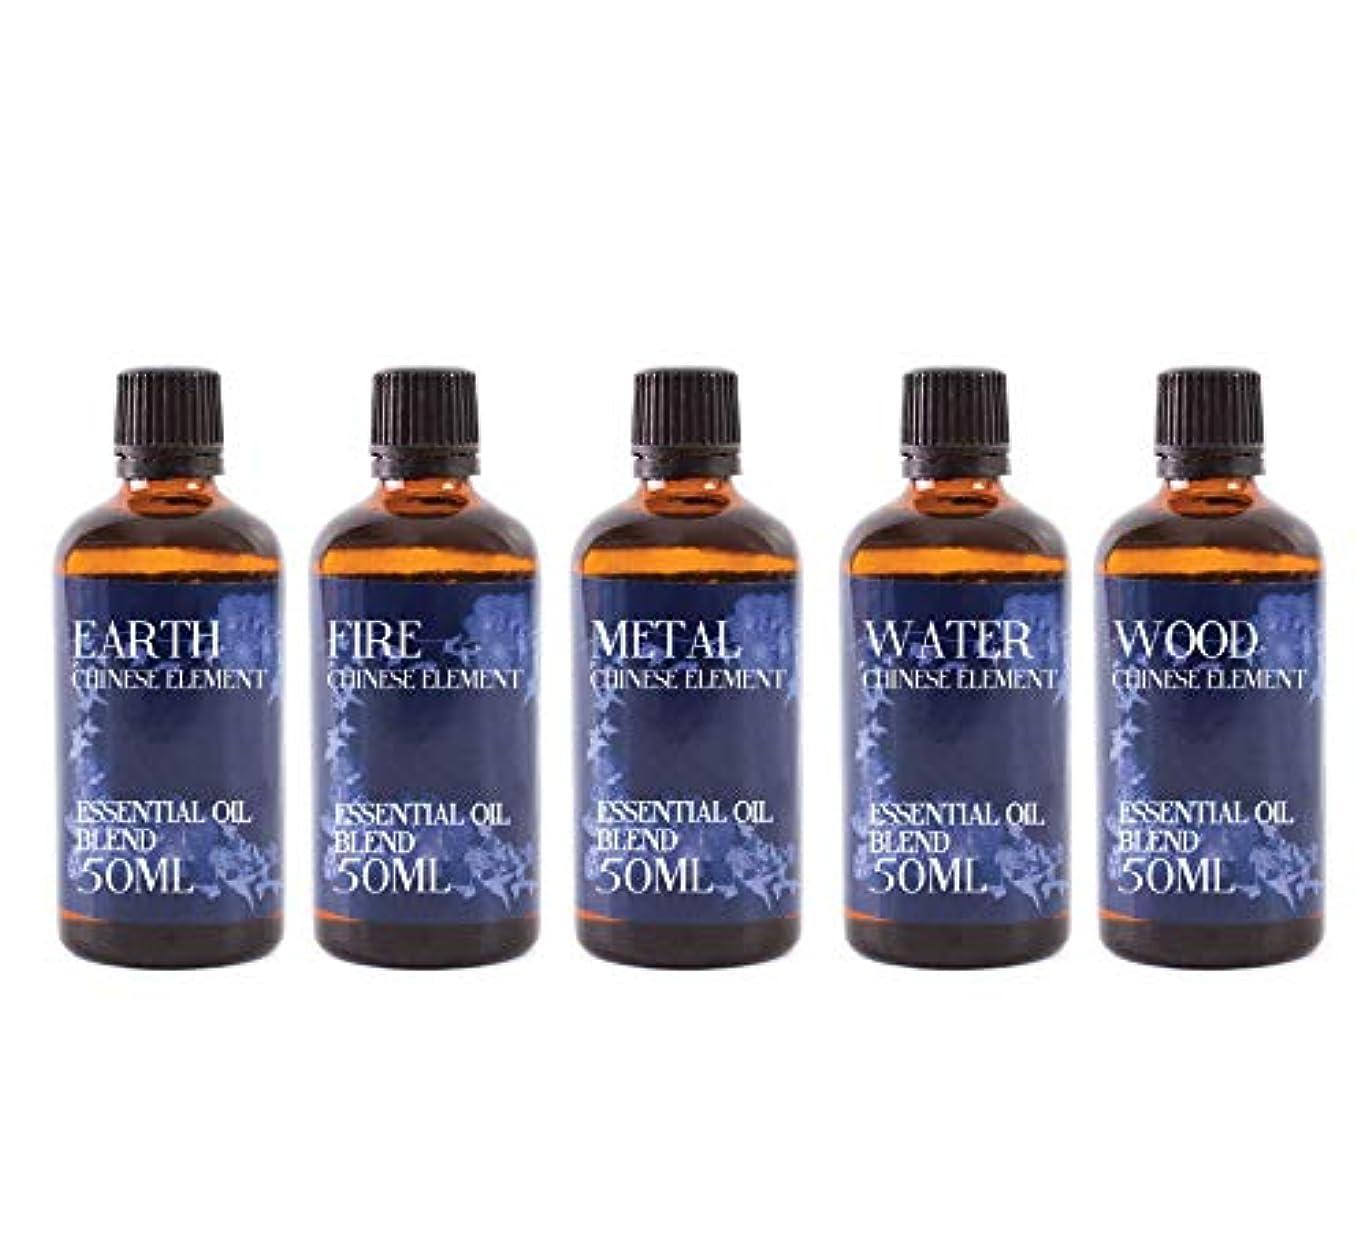 チーズ行方不明残高Mystix London | Gift Starter Pack of 5x50ml Chinese Elements Essential Oil Blends